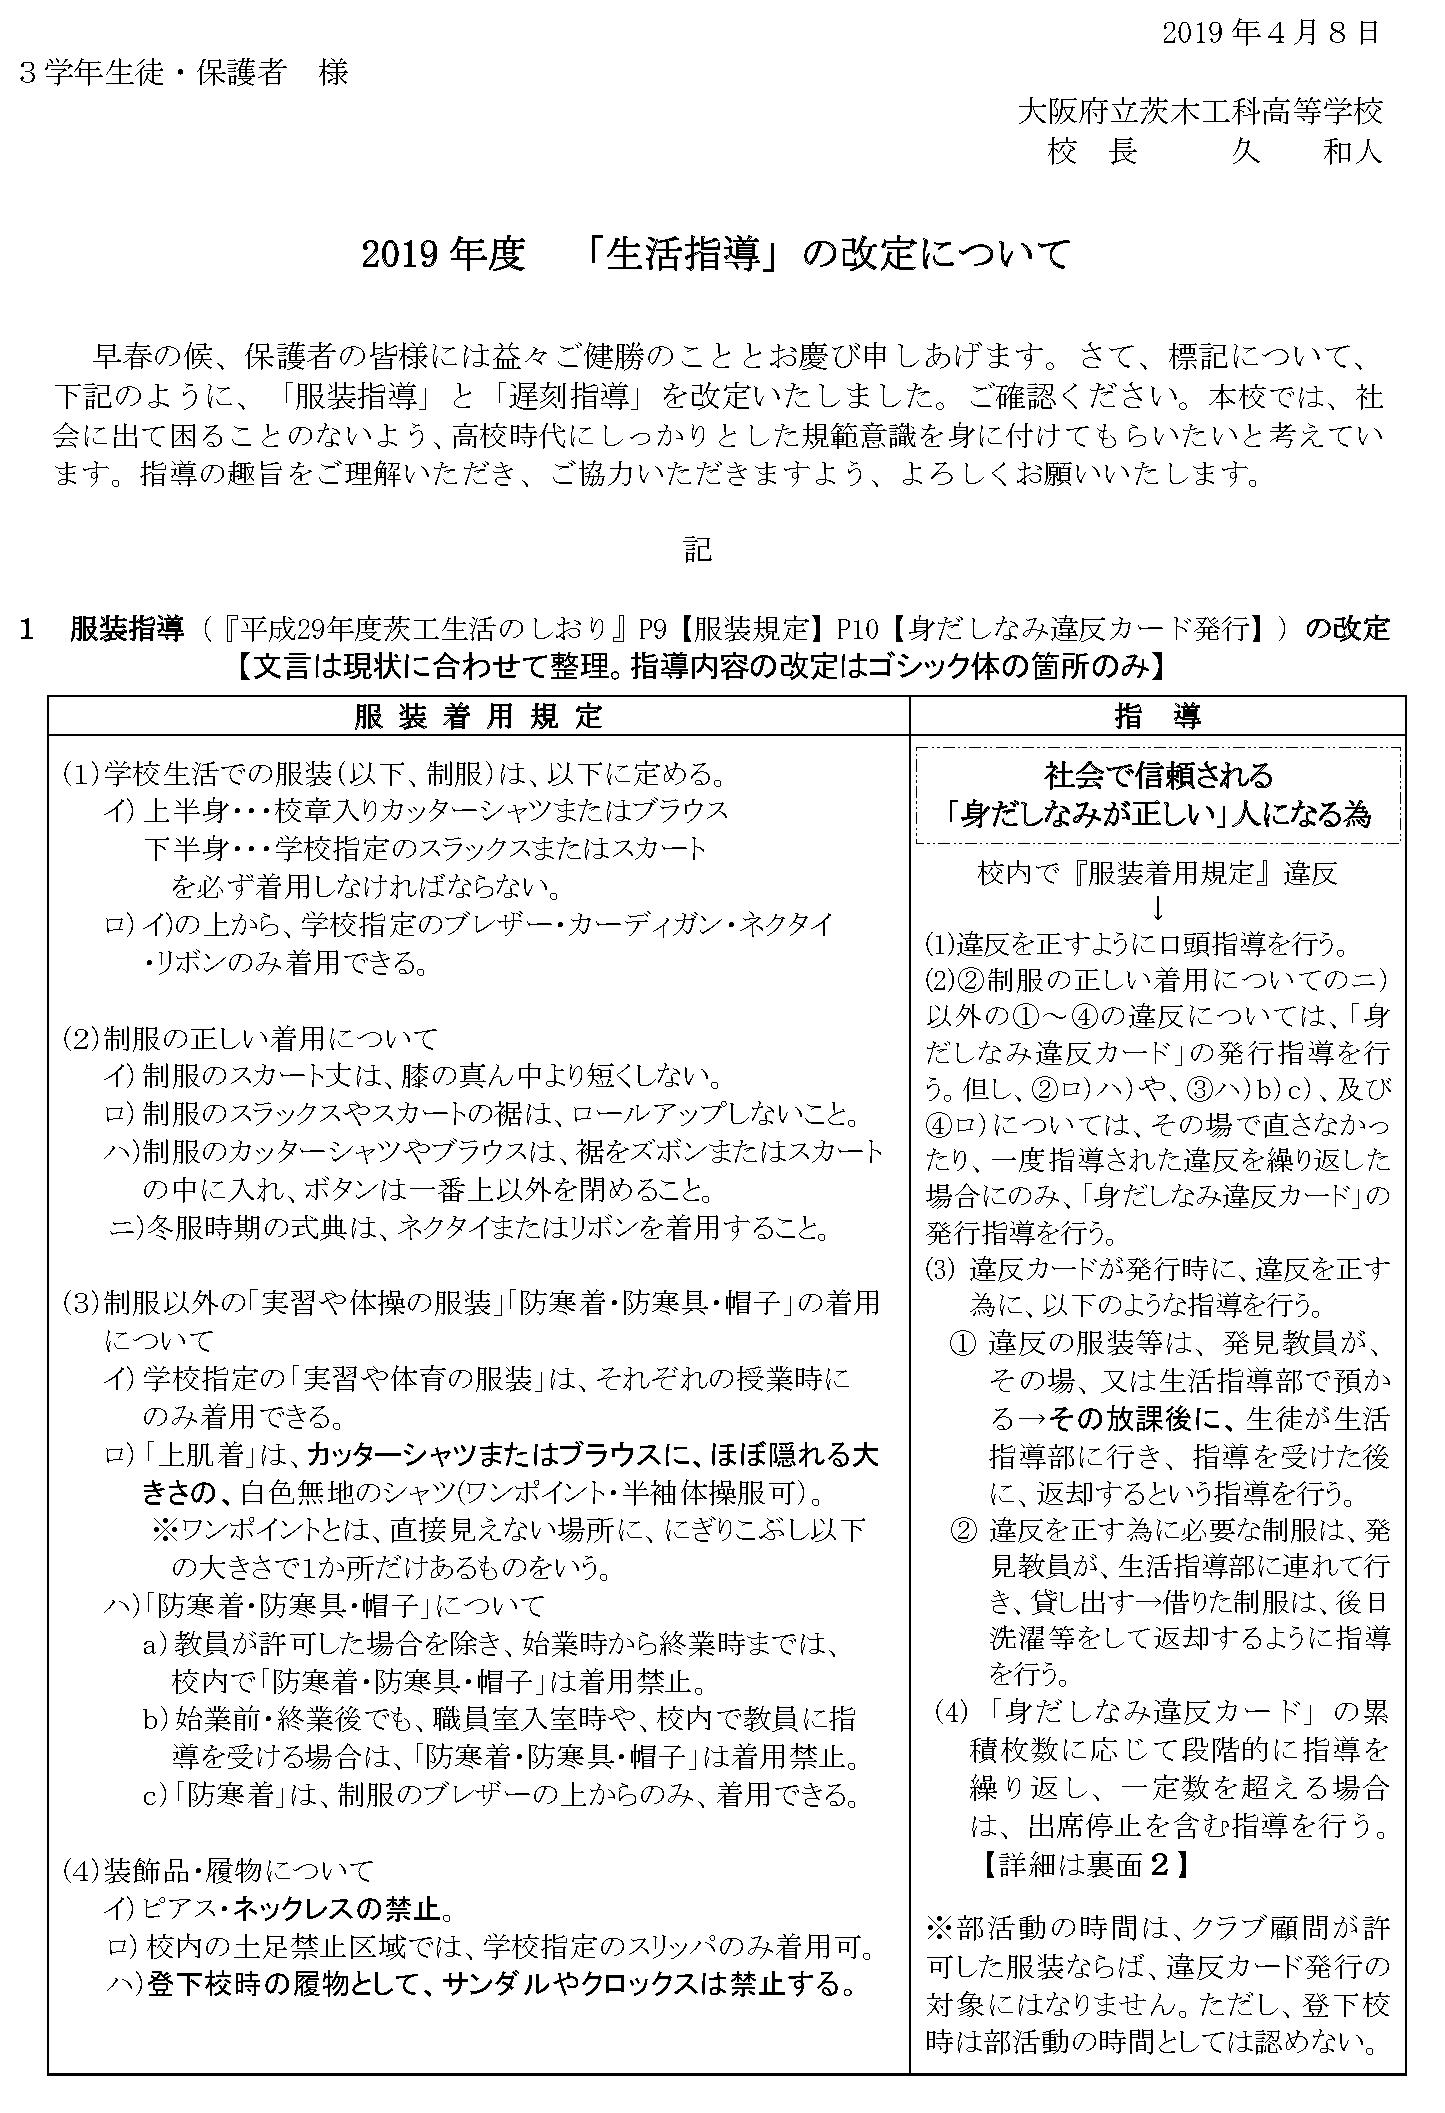 3年保護者宛2019保生活指導の改定1